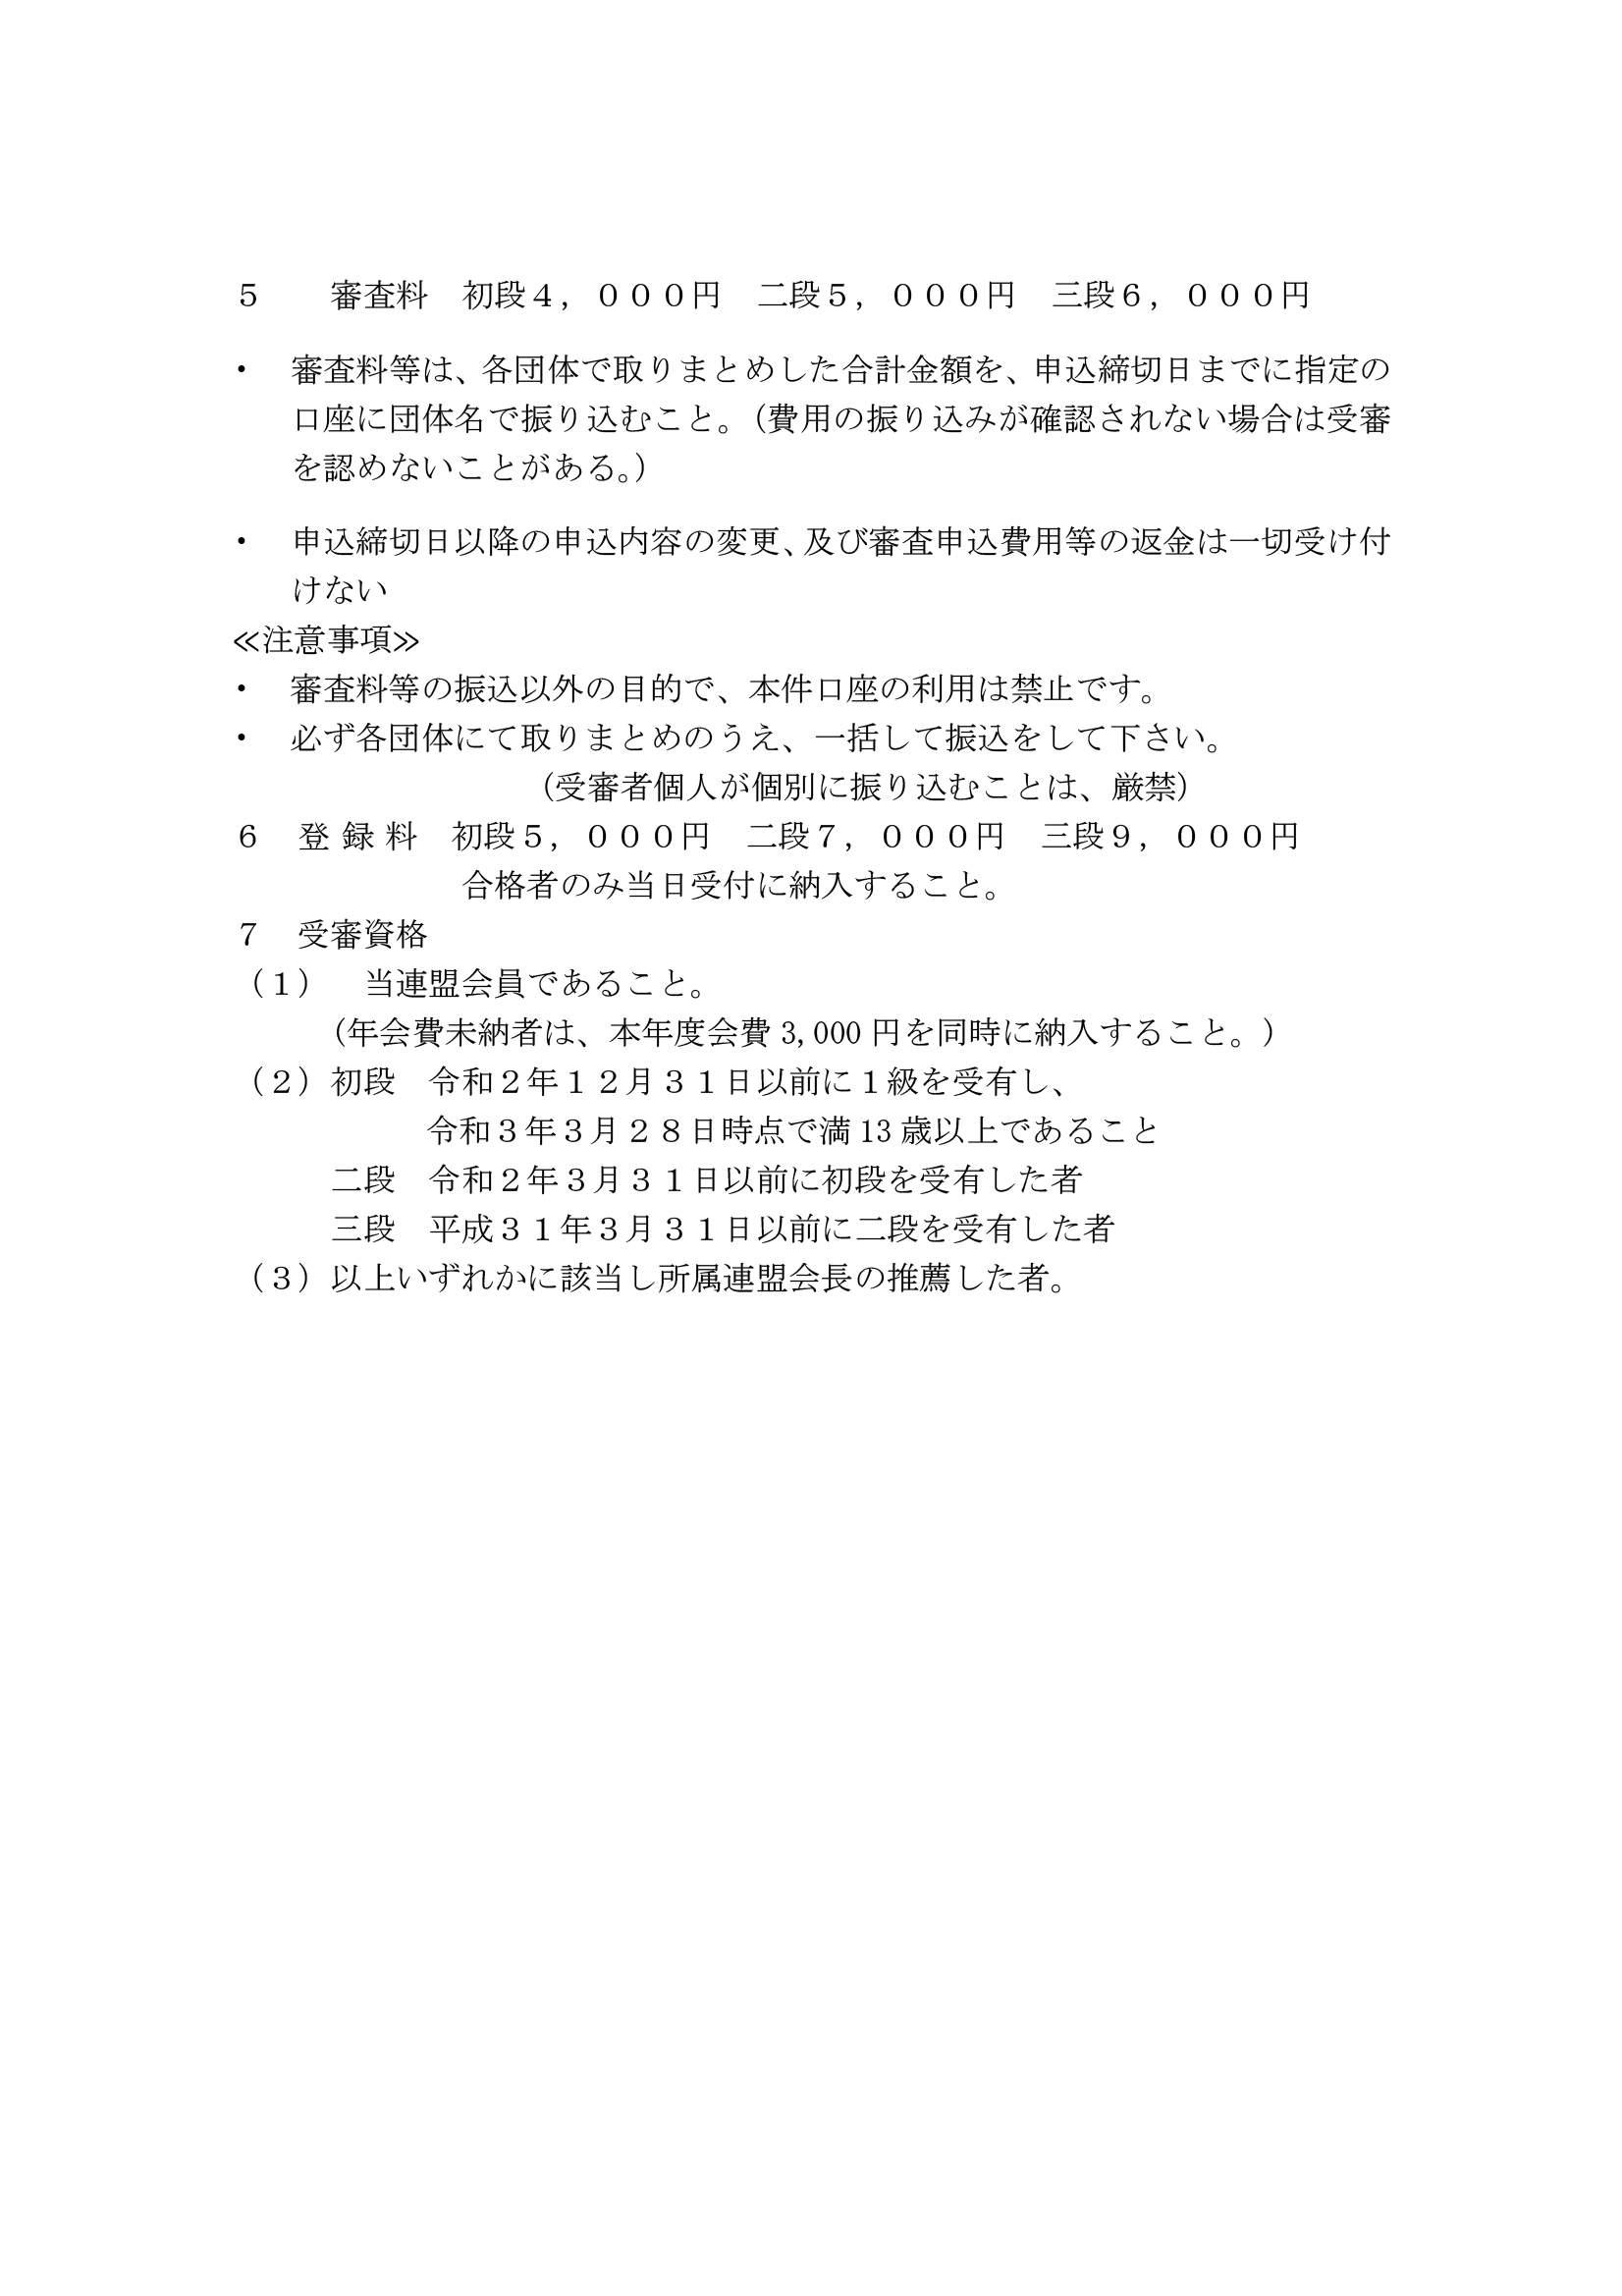 HP用 2021.3.28松戸会場市内通知_0002